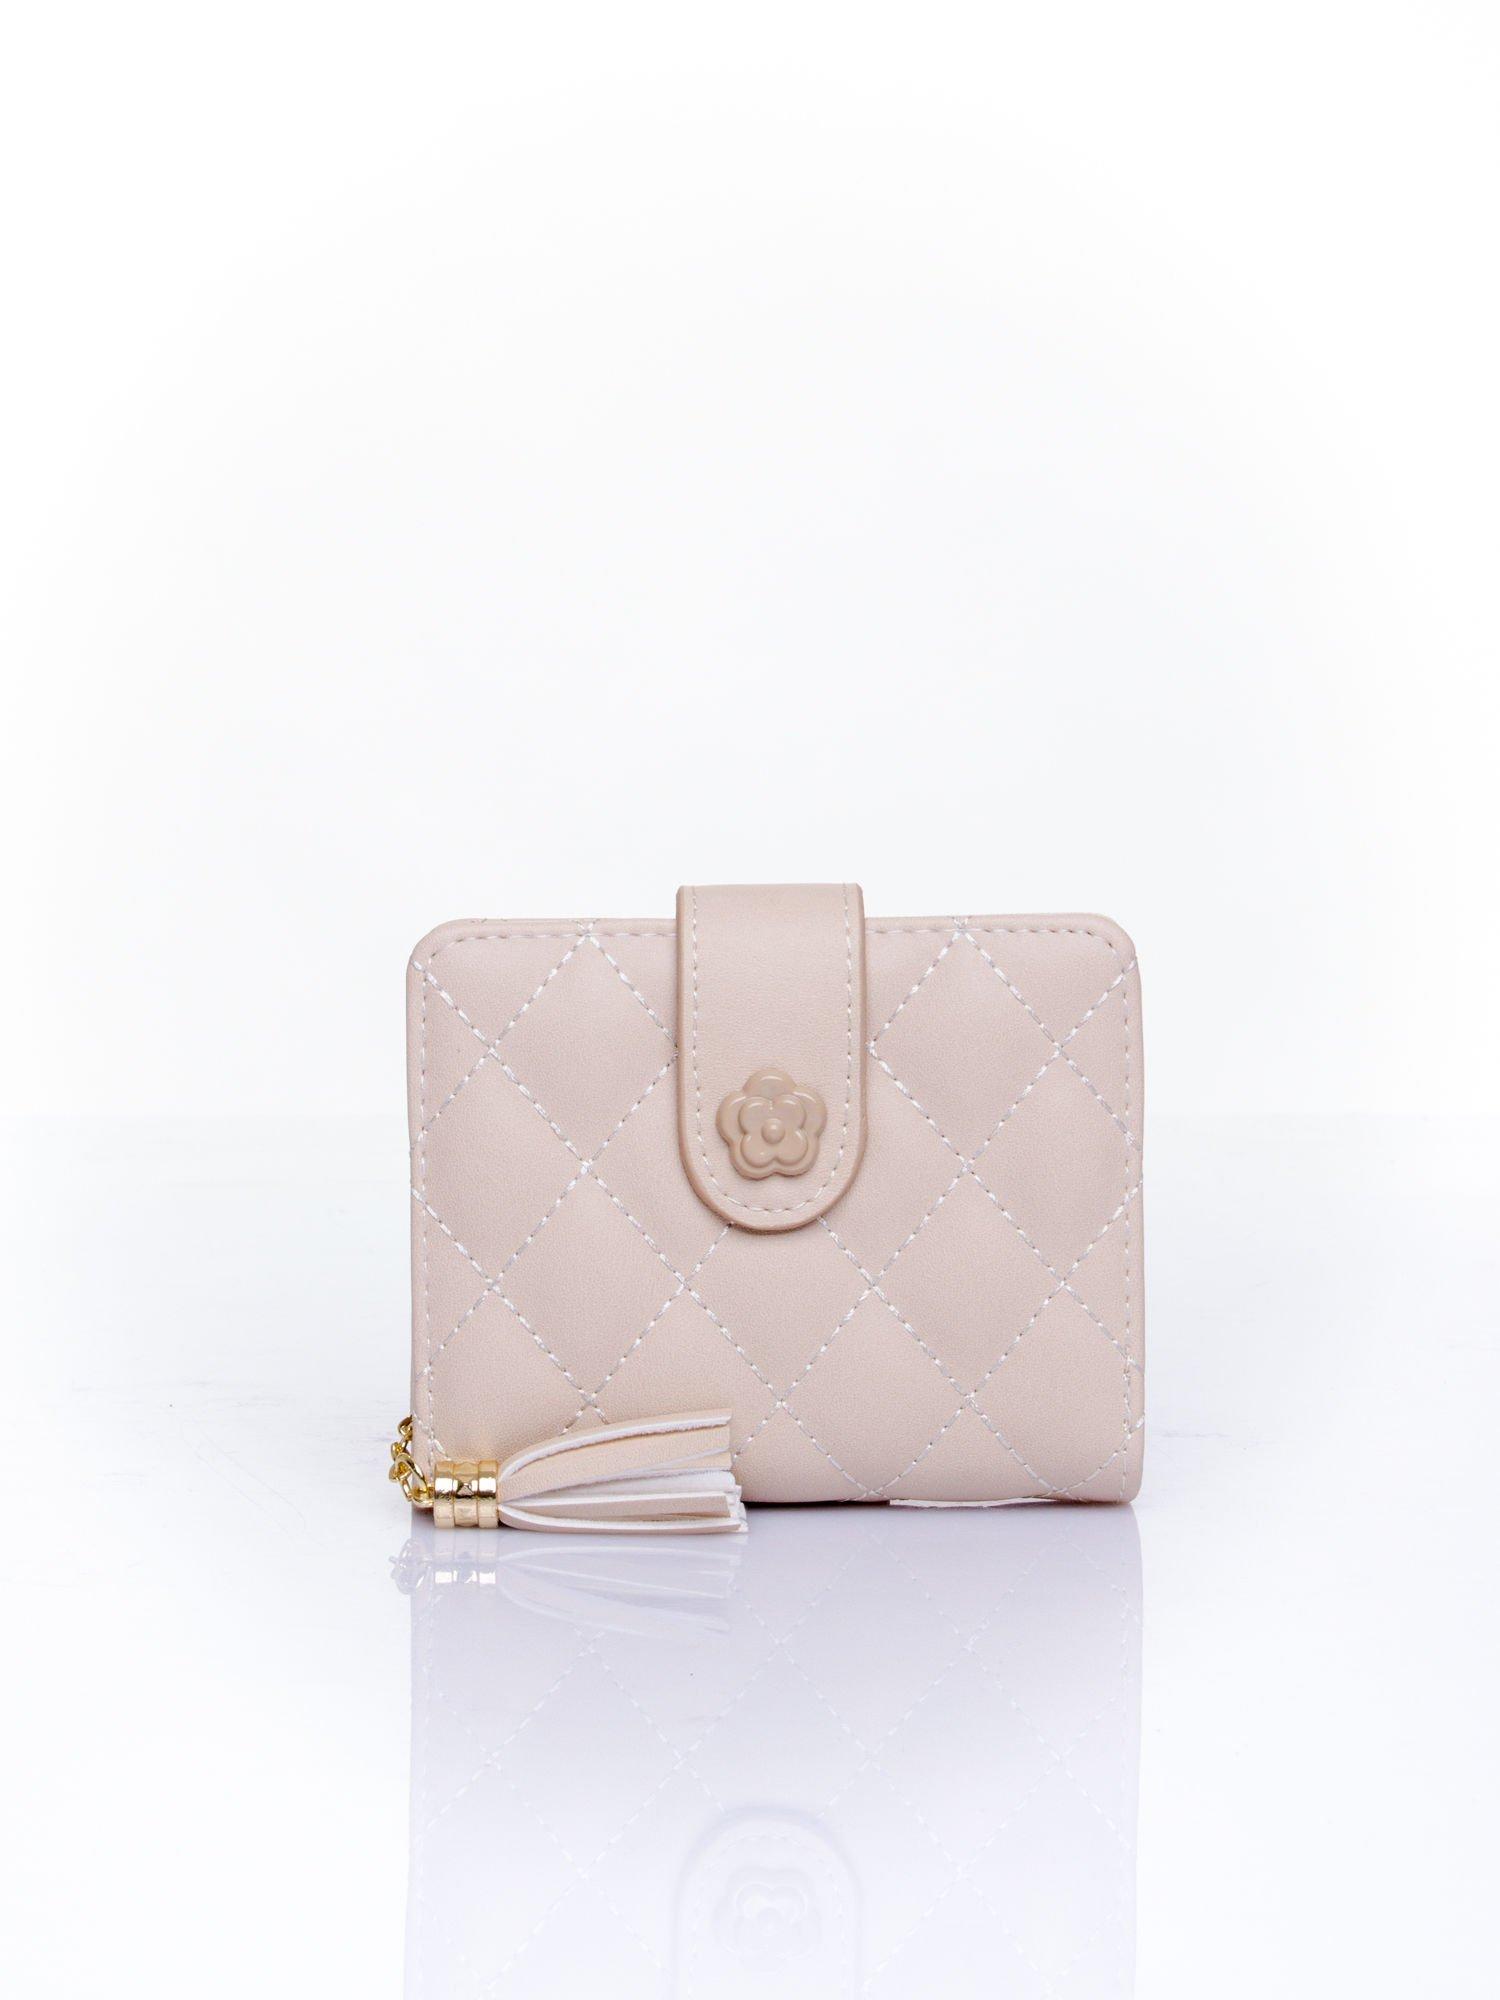 Kremowy pikowany portfel z ozdobnym zapięciem                                  zdj.                                  1